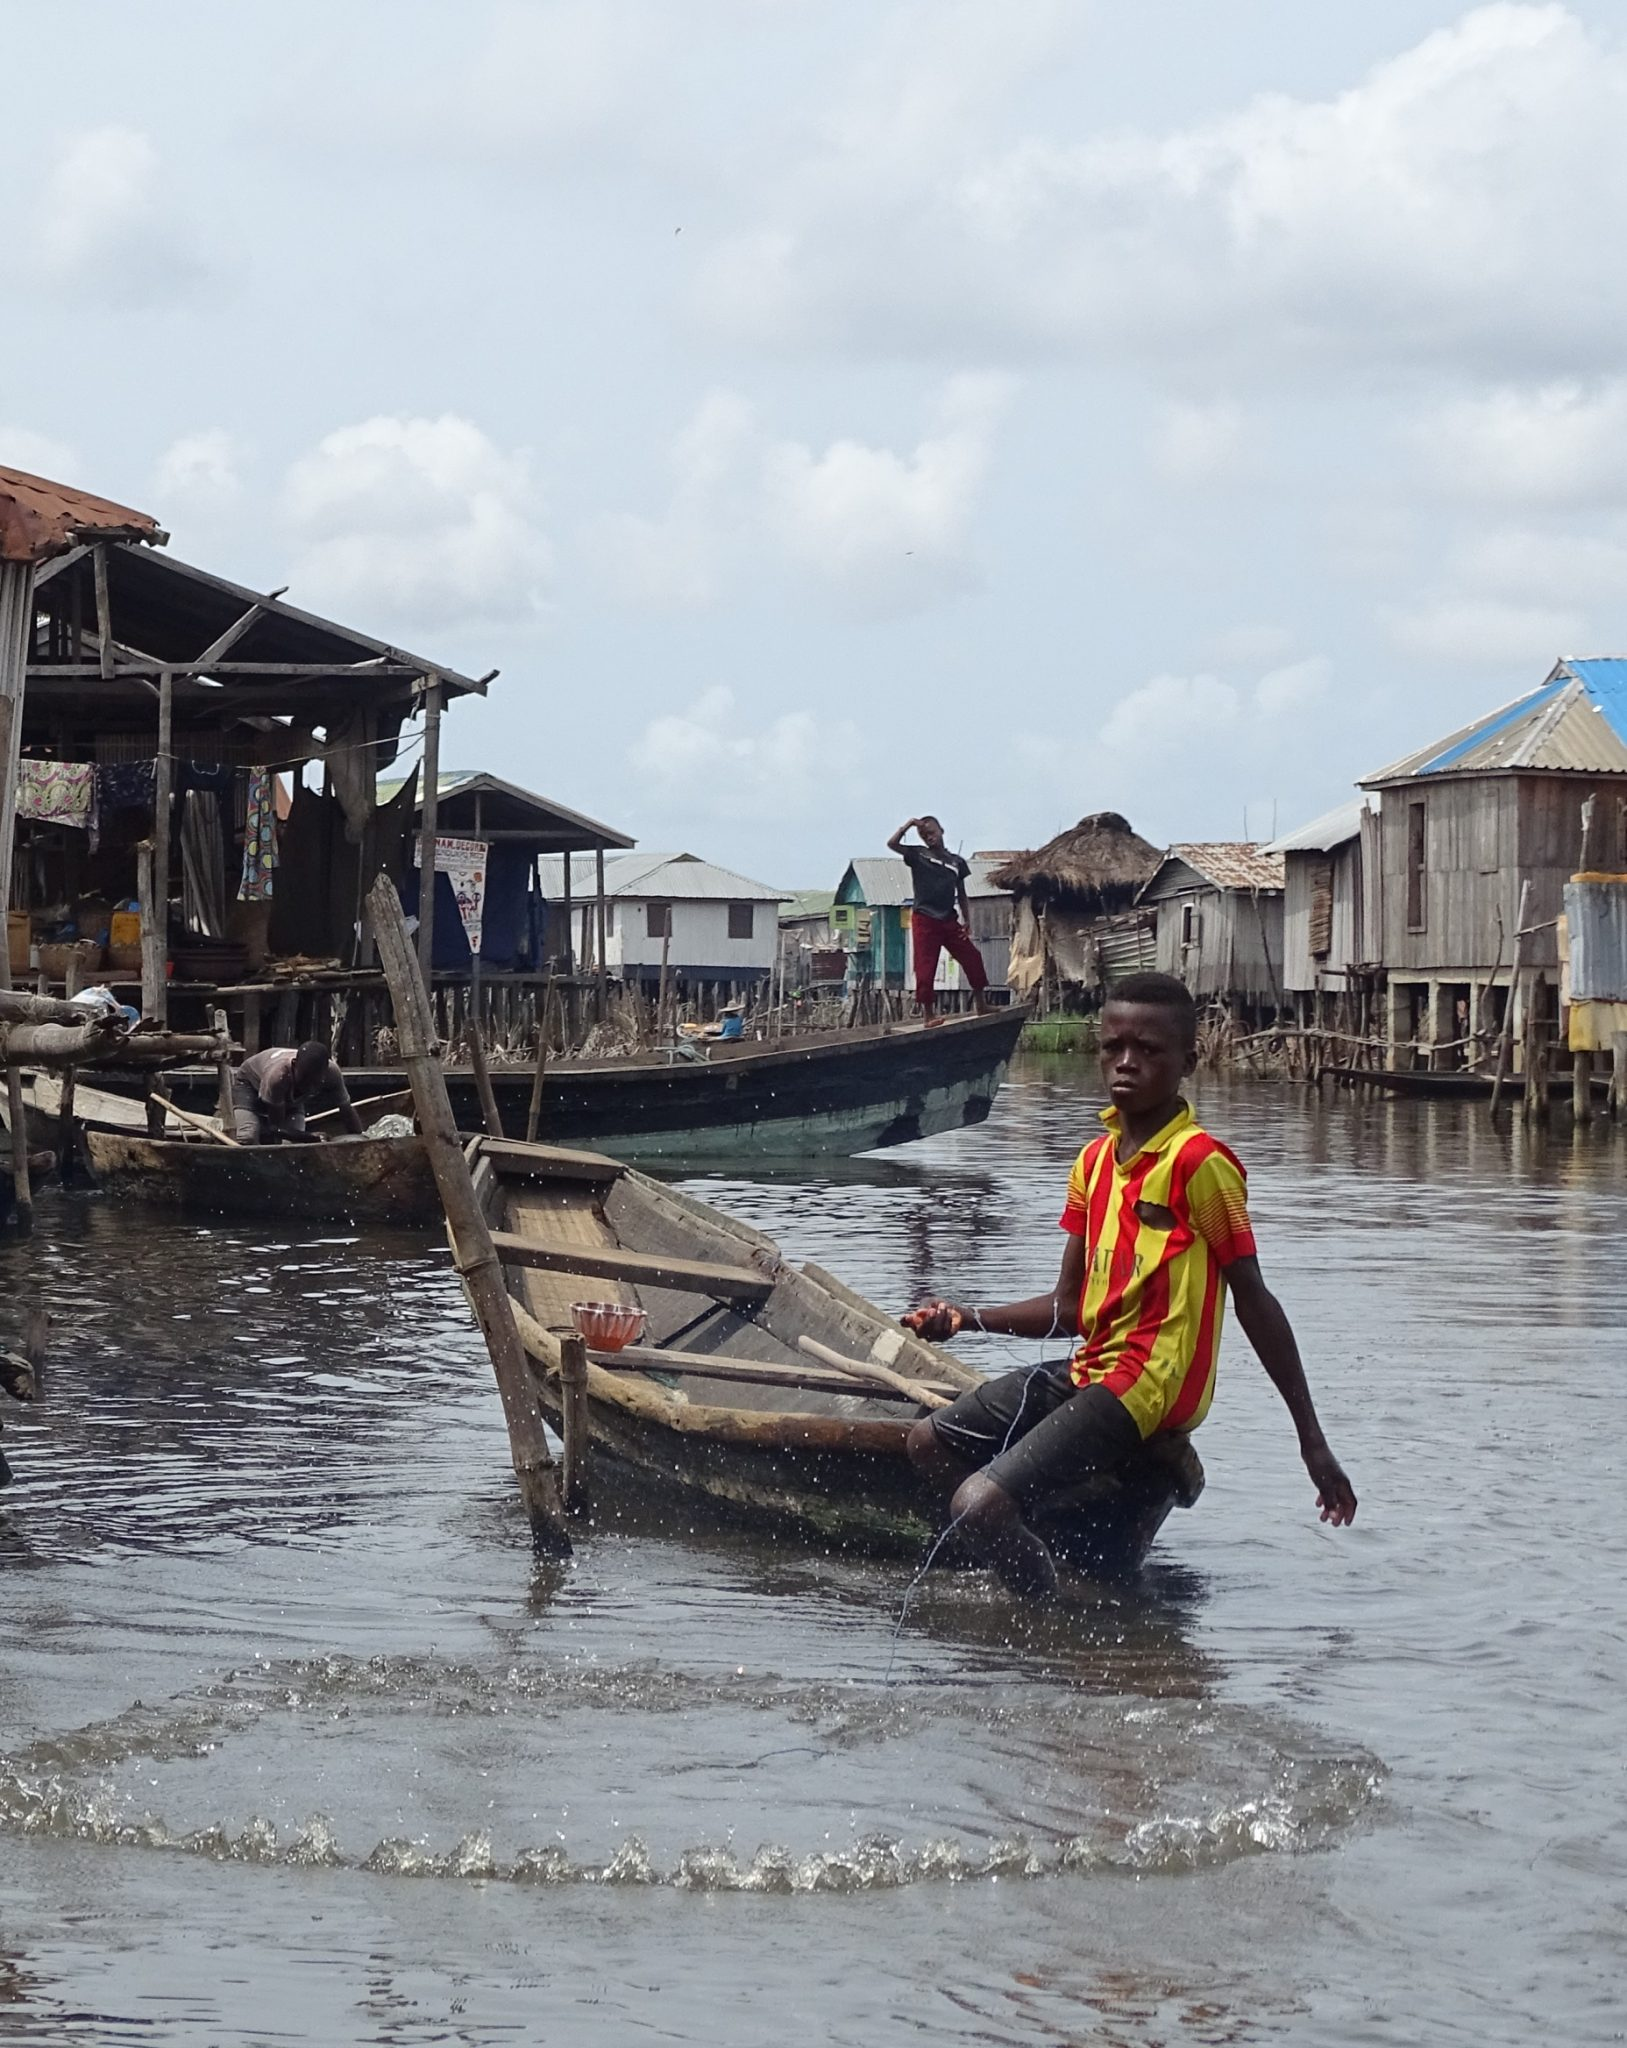 Wioska rybacka na jeziorze w Beninie w Afryce Zachodniej